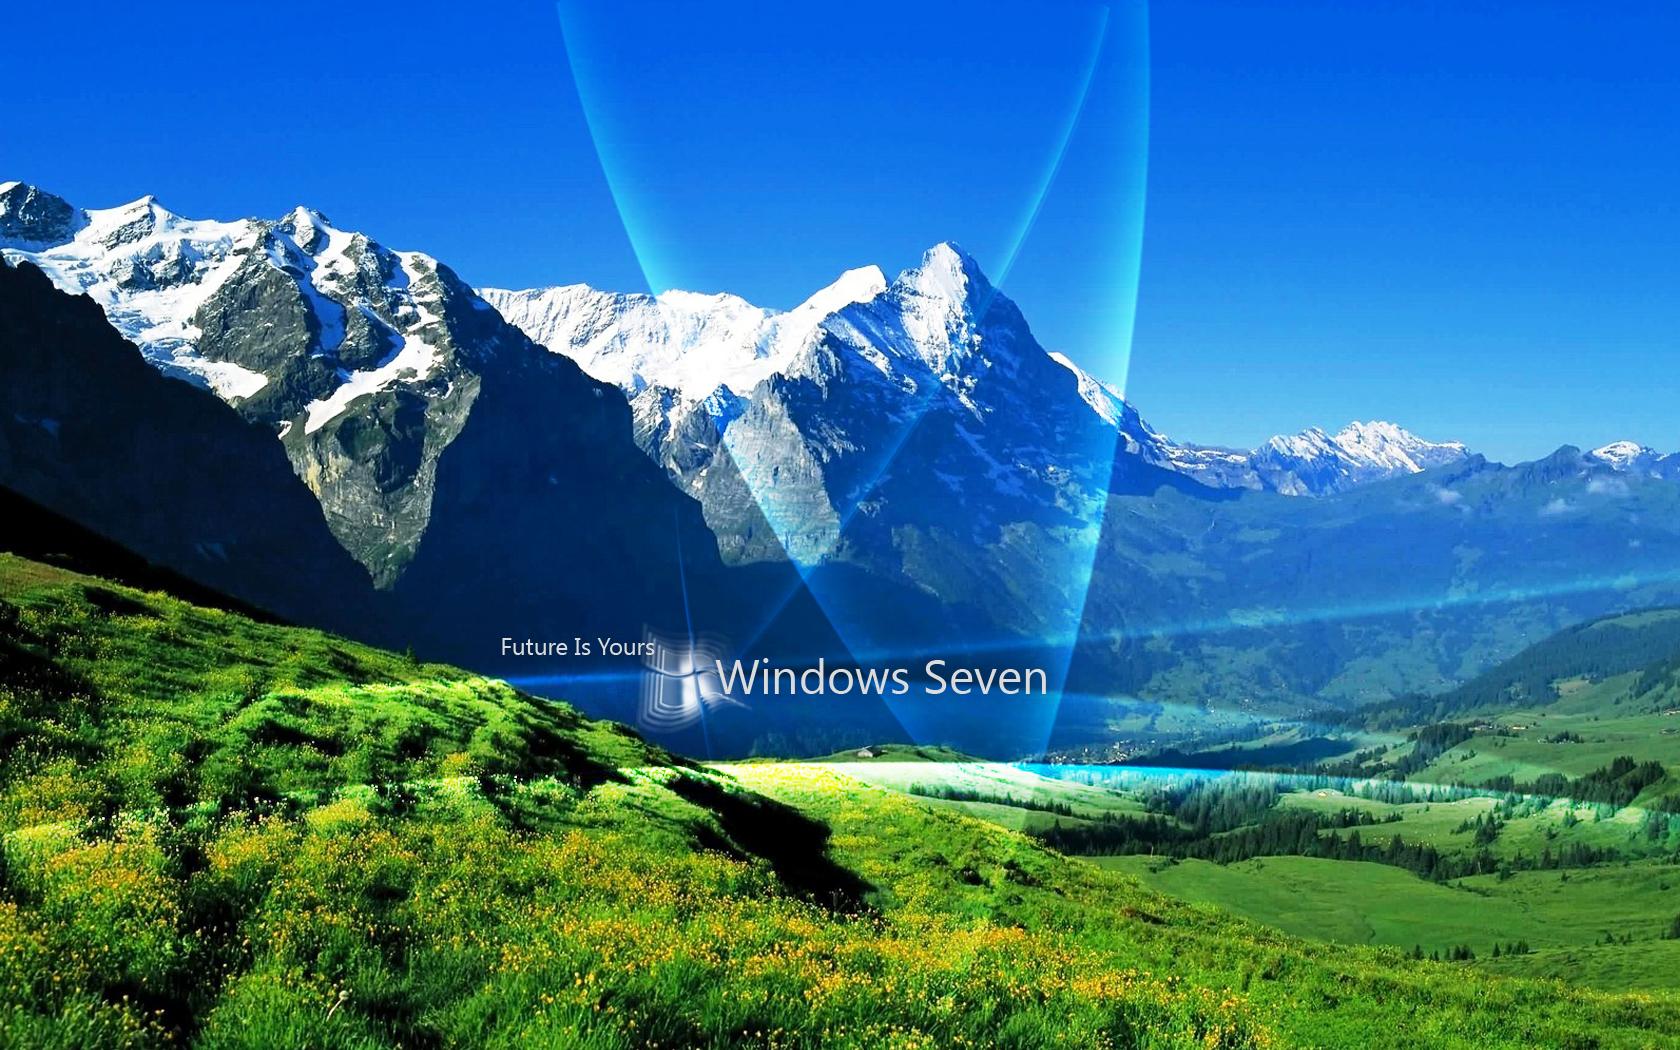 Temi e sfondi Windows per personalizzare la grafica del desktop 1680x1050